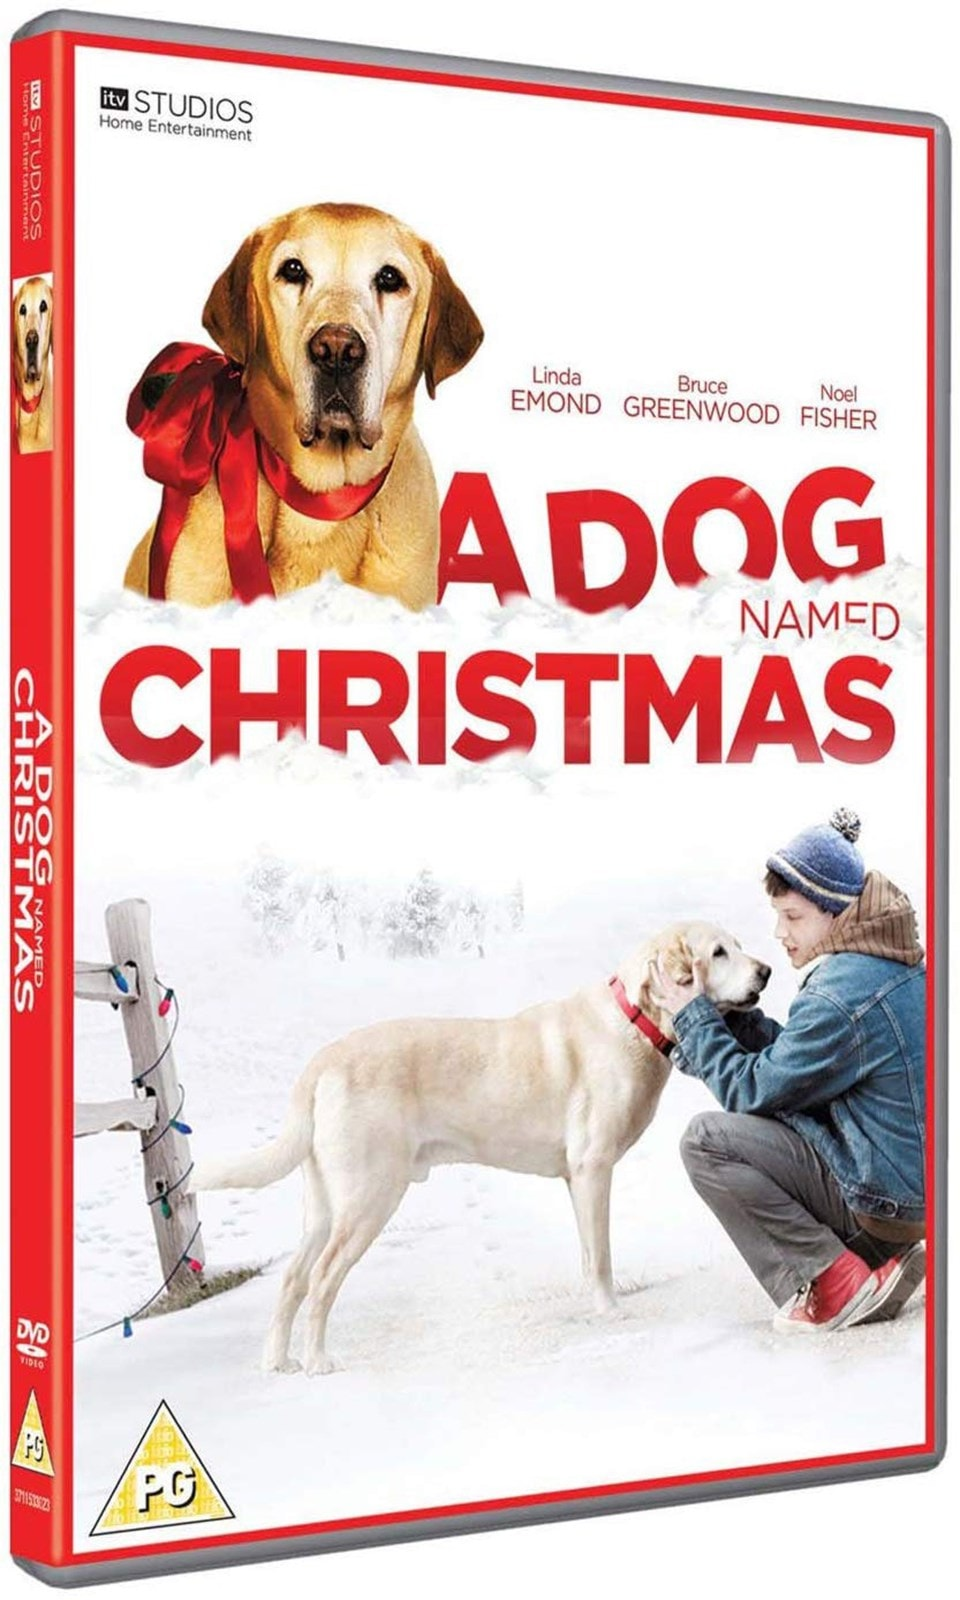 A Dog Named Christmas - 1